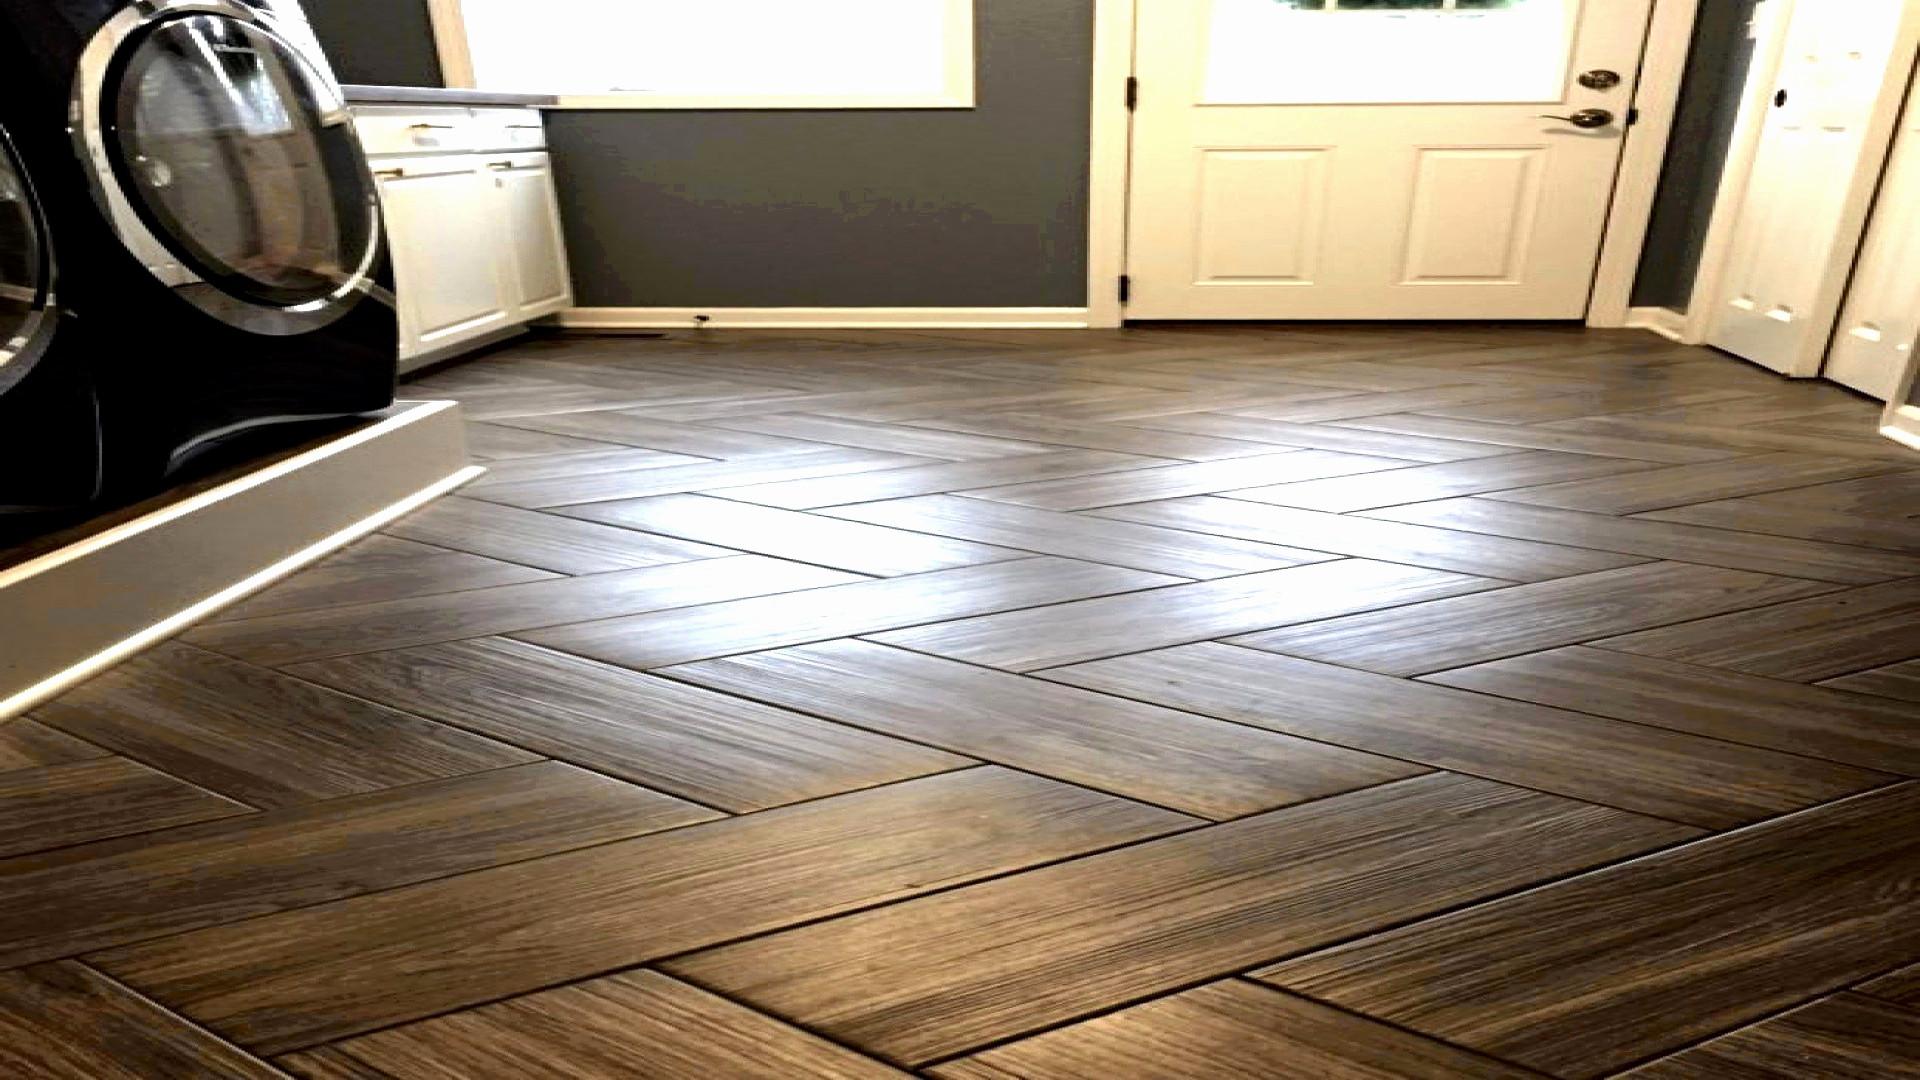 hardwood flooring outlet near me of kitchen with wood floor awesome kitchen wood flooring news kitchen throughout kitchen with wood floor inspirational wood floor contractors